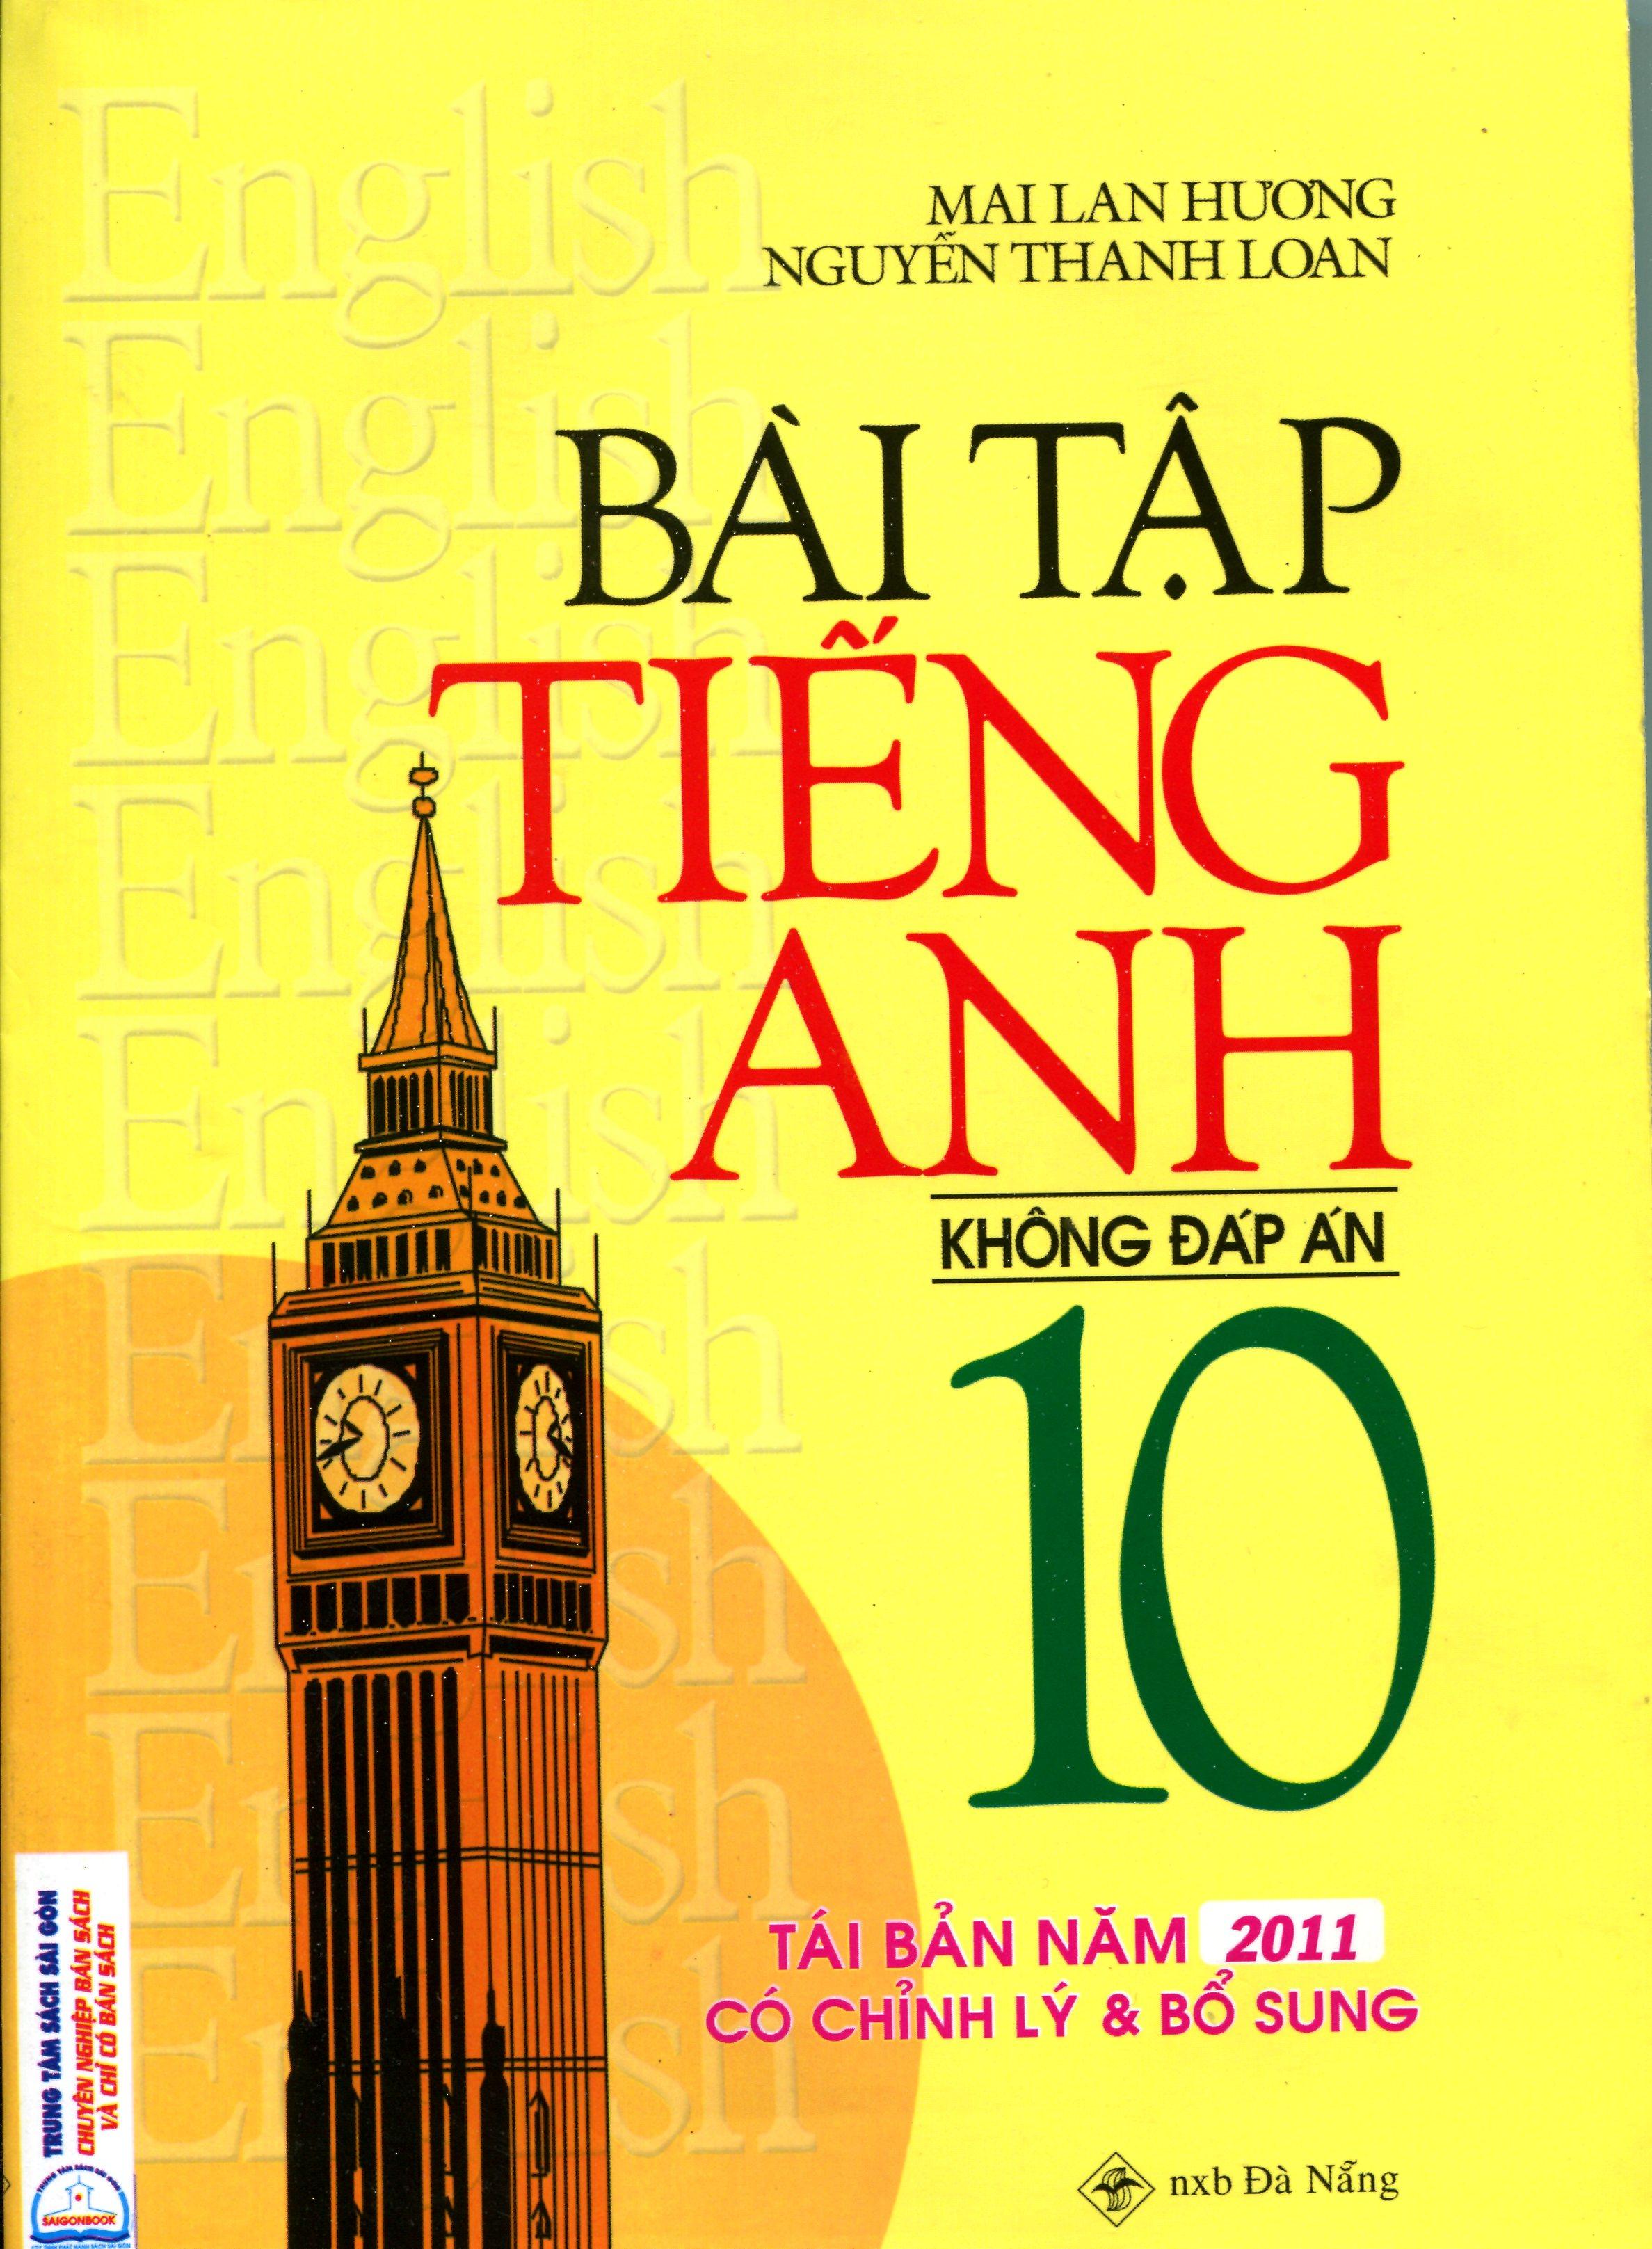 Bài Tập Tiếng Anh Lớp 10 (Không Đáp Án) Mai Lan Hương - 5854970273644,62_11836673,36000,tiki.vn,Bai-Tap-Tieng-Anh-Lop-10-Khong-Dap-An-Mai-Lan-Huong-62_11836673,Bài Tập Tiếng Anh Lớp 10 (Không Đáp Án) Mai Lan Hương